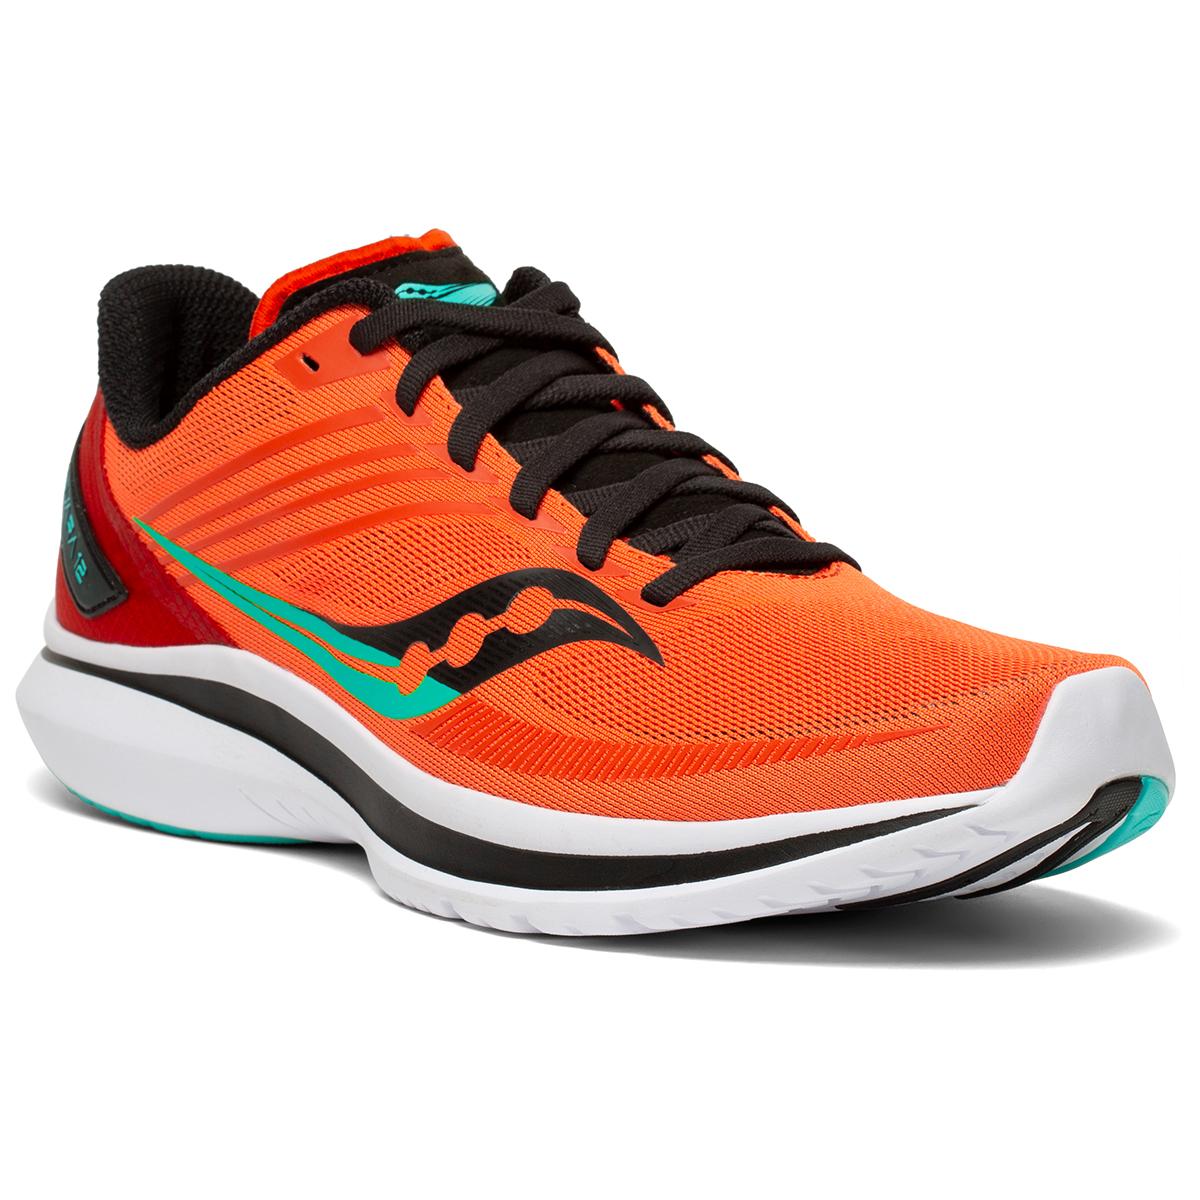 Men's Saucony Kinvara 12 Running Shoe - Color: Vizi/Scarlet - Size: 7 - Width: Regular, Vizi/Scarlet, large, image 3